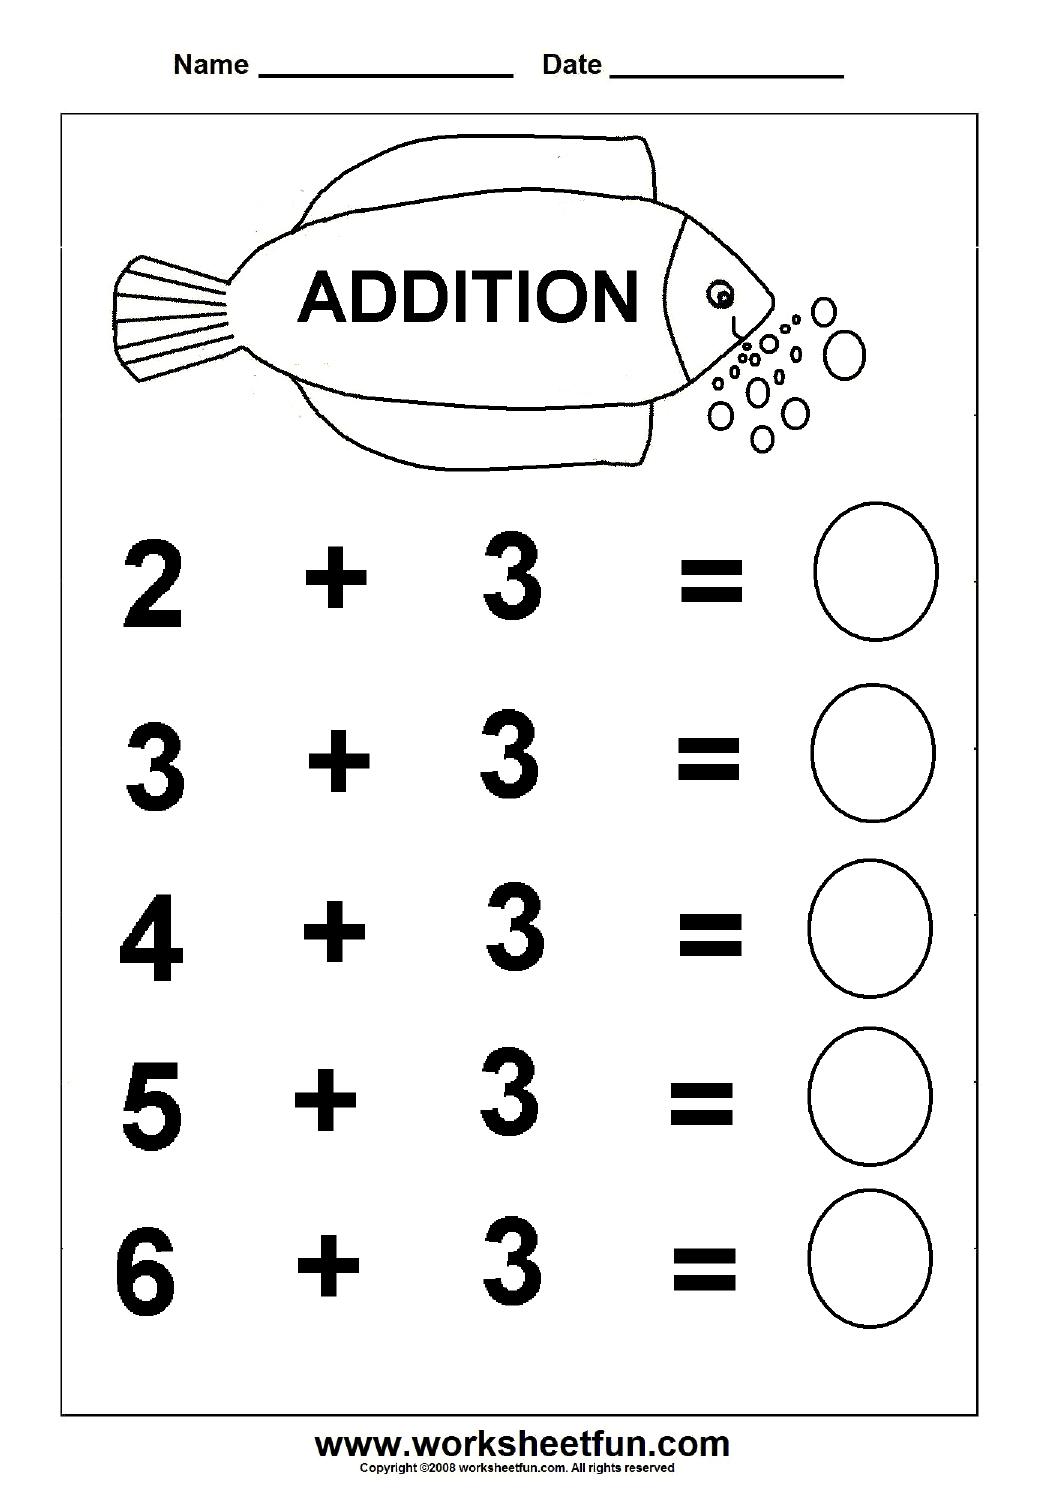 Beginner Addition – 6 Kindergarten Addition Worksheets / Free | Free Printable Fun Worksheets For Kindergarten